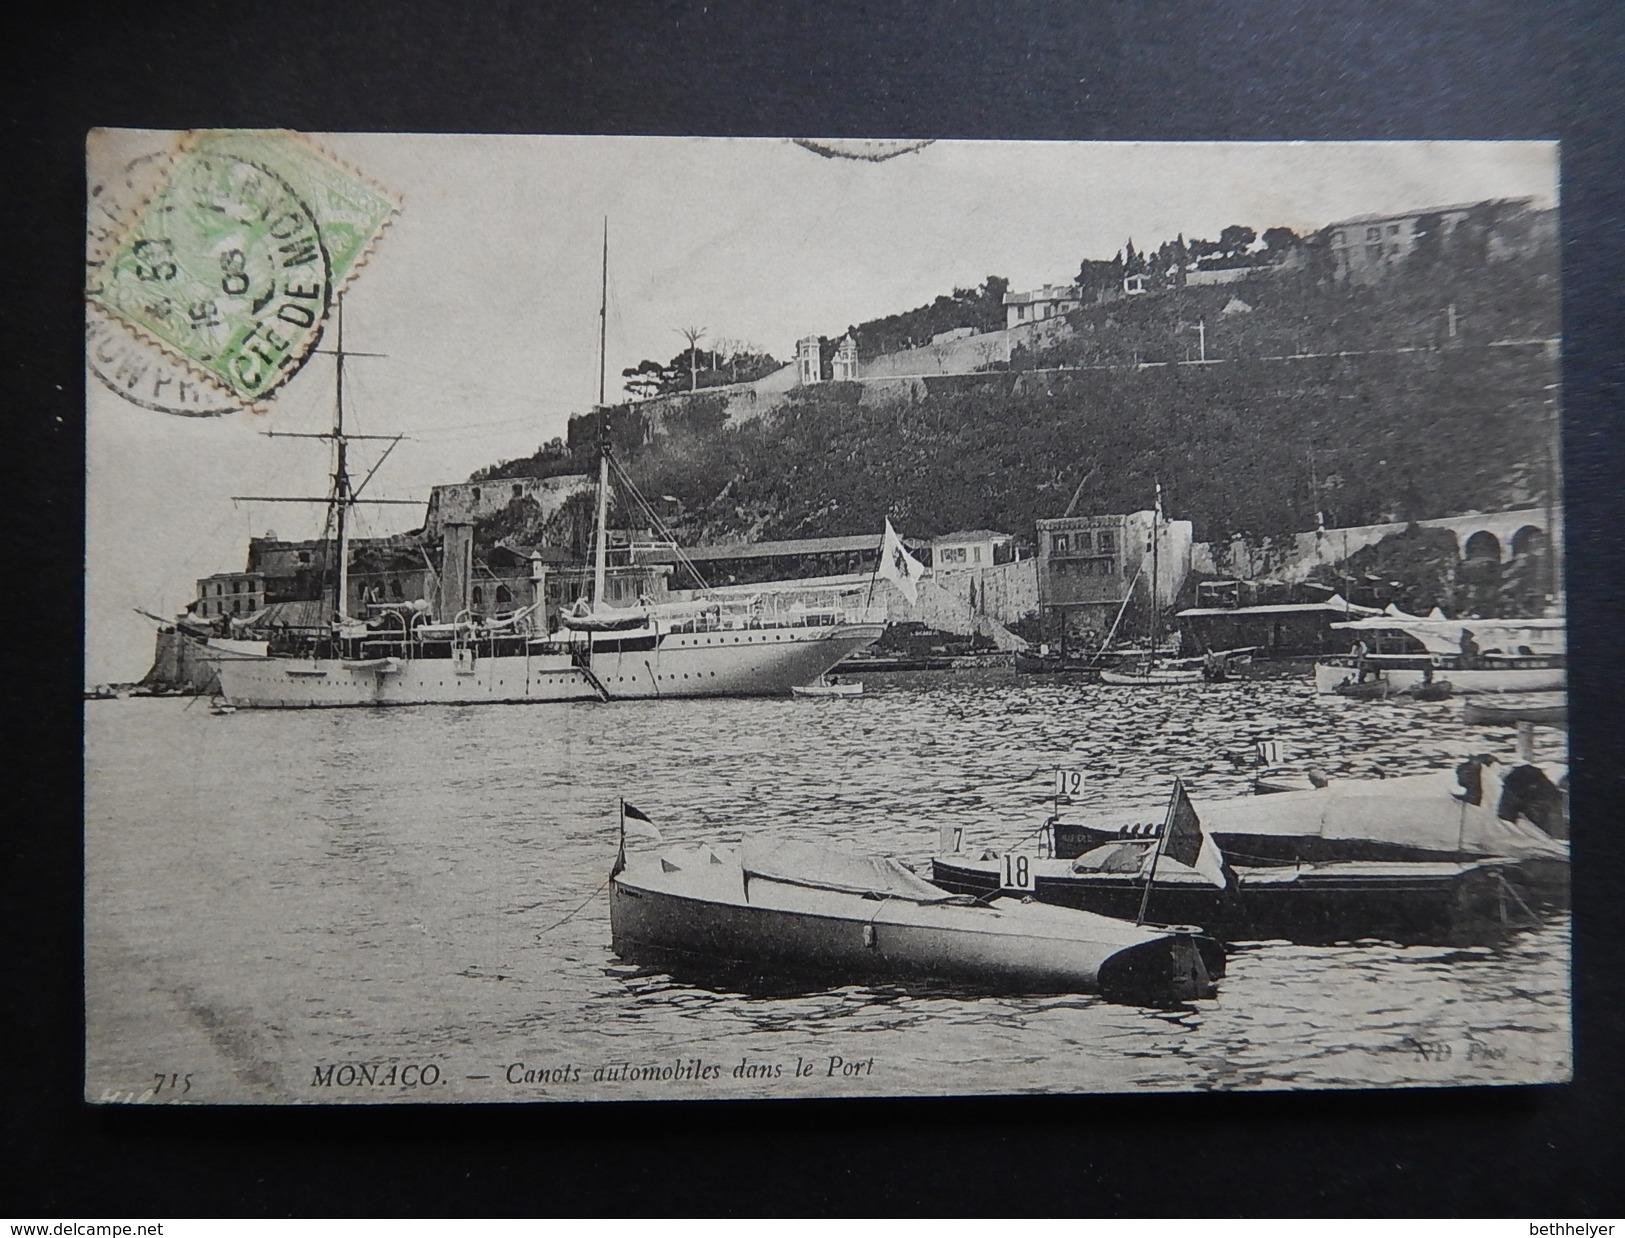 CPA - 1905 - RARE- MONACO - CANOTS AUTOMOBILES DANS LE PORT - BATEAU - R8705 - Harbor